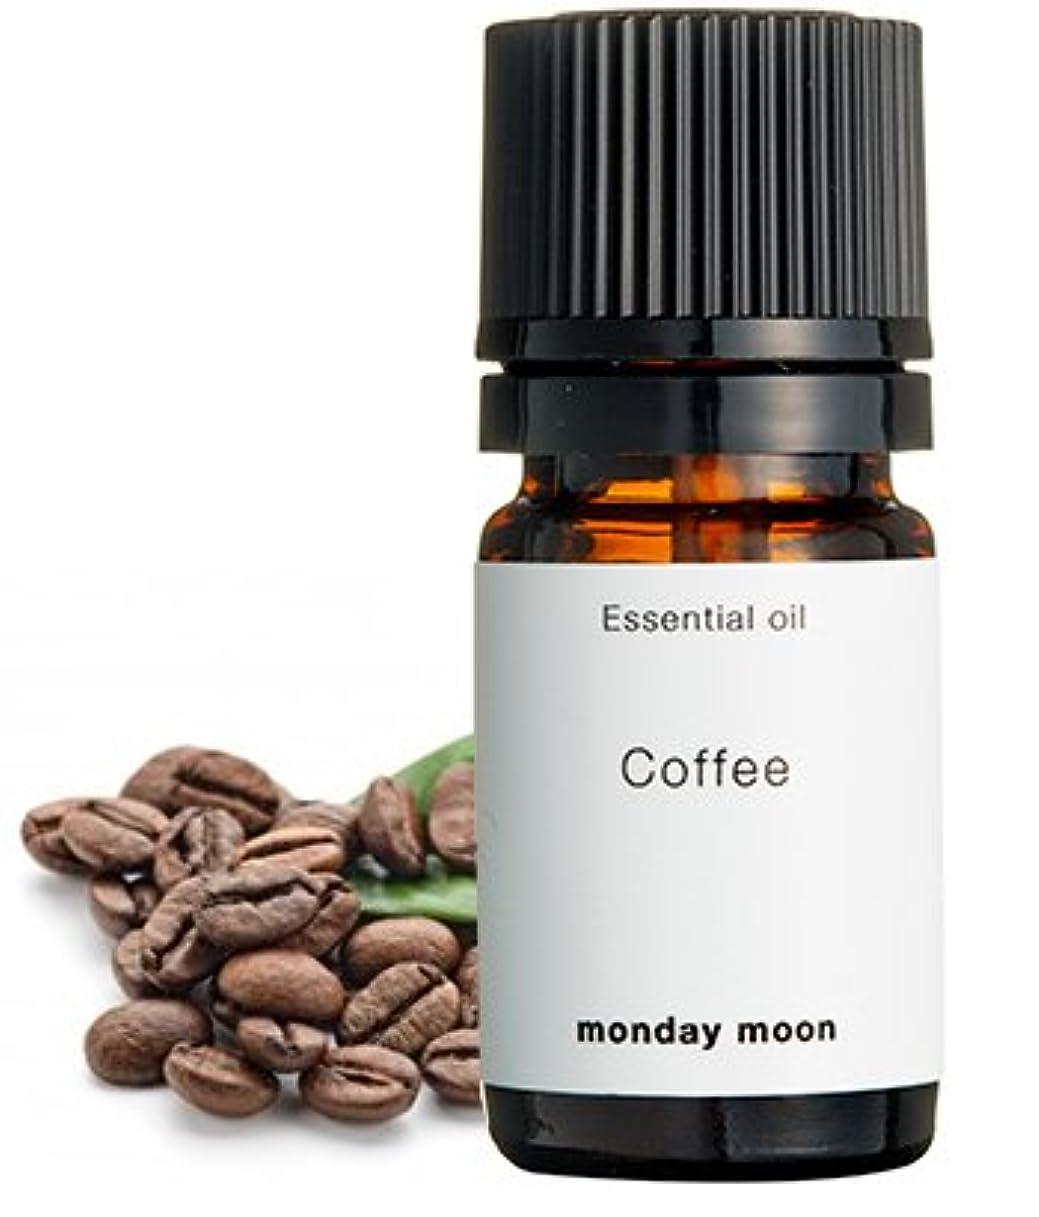 品種出口うがいコーヒー精油/5ml